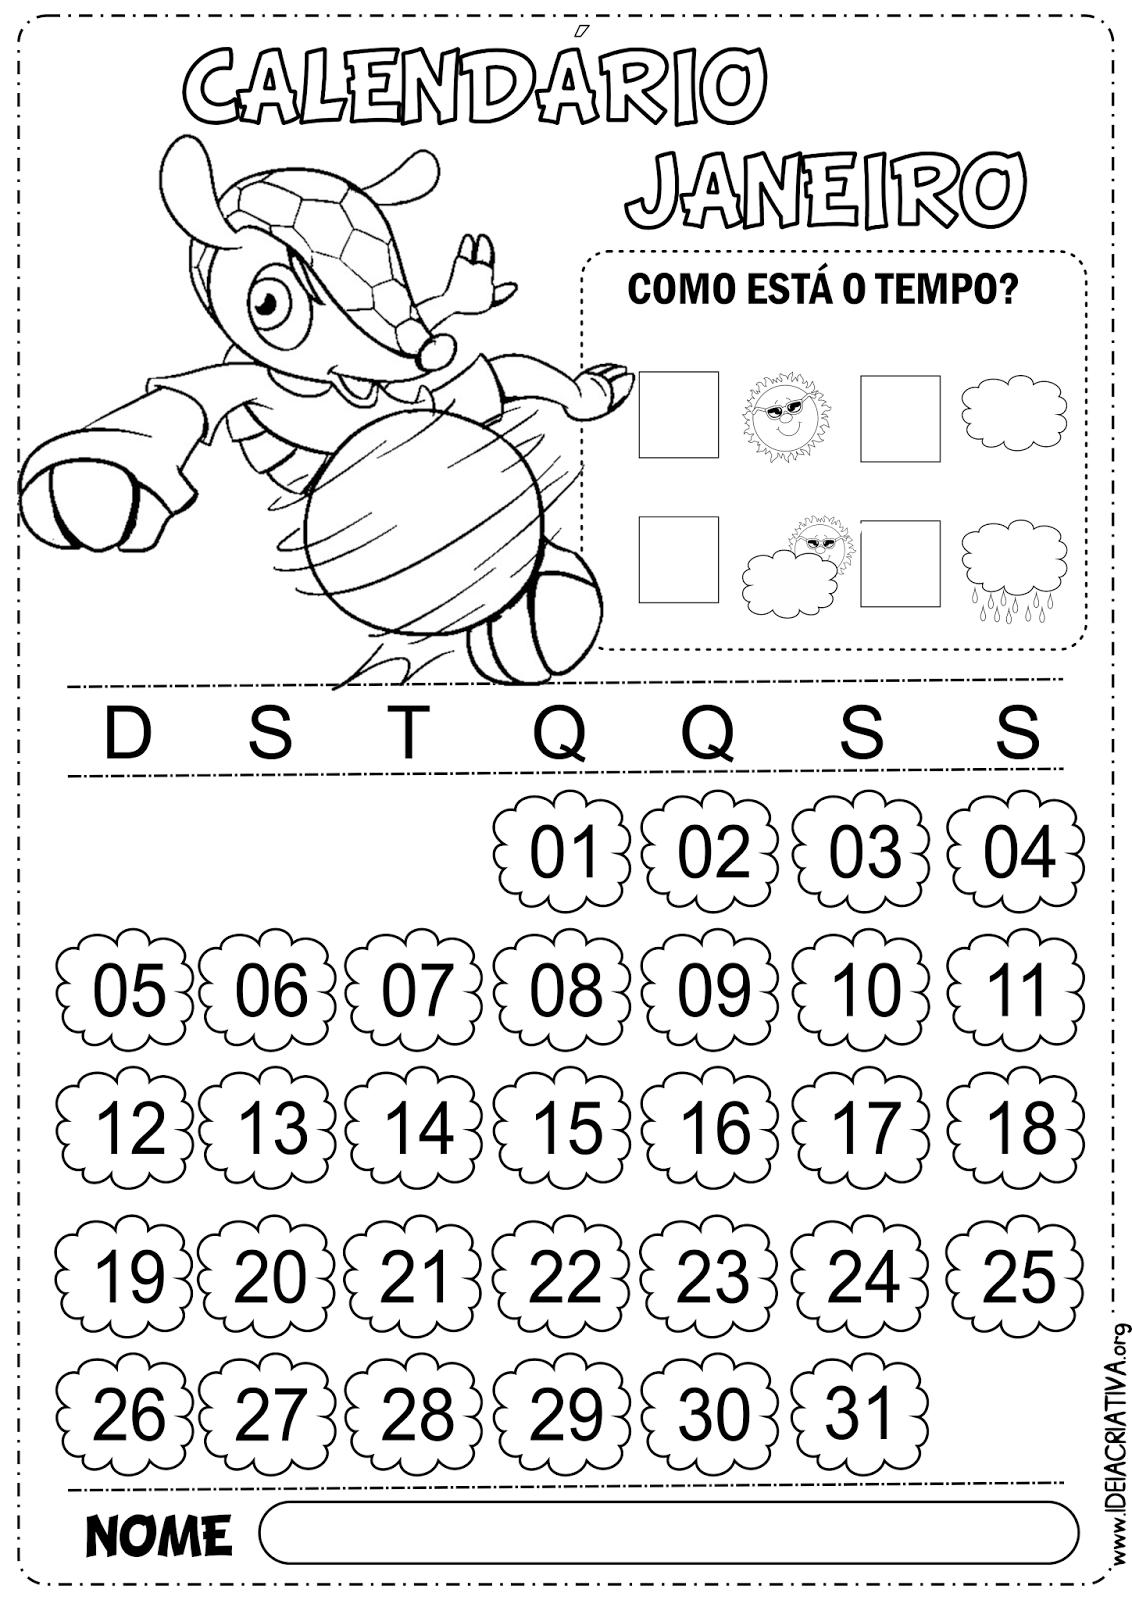 Calendário Copa do Mundo Janeiro